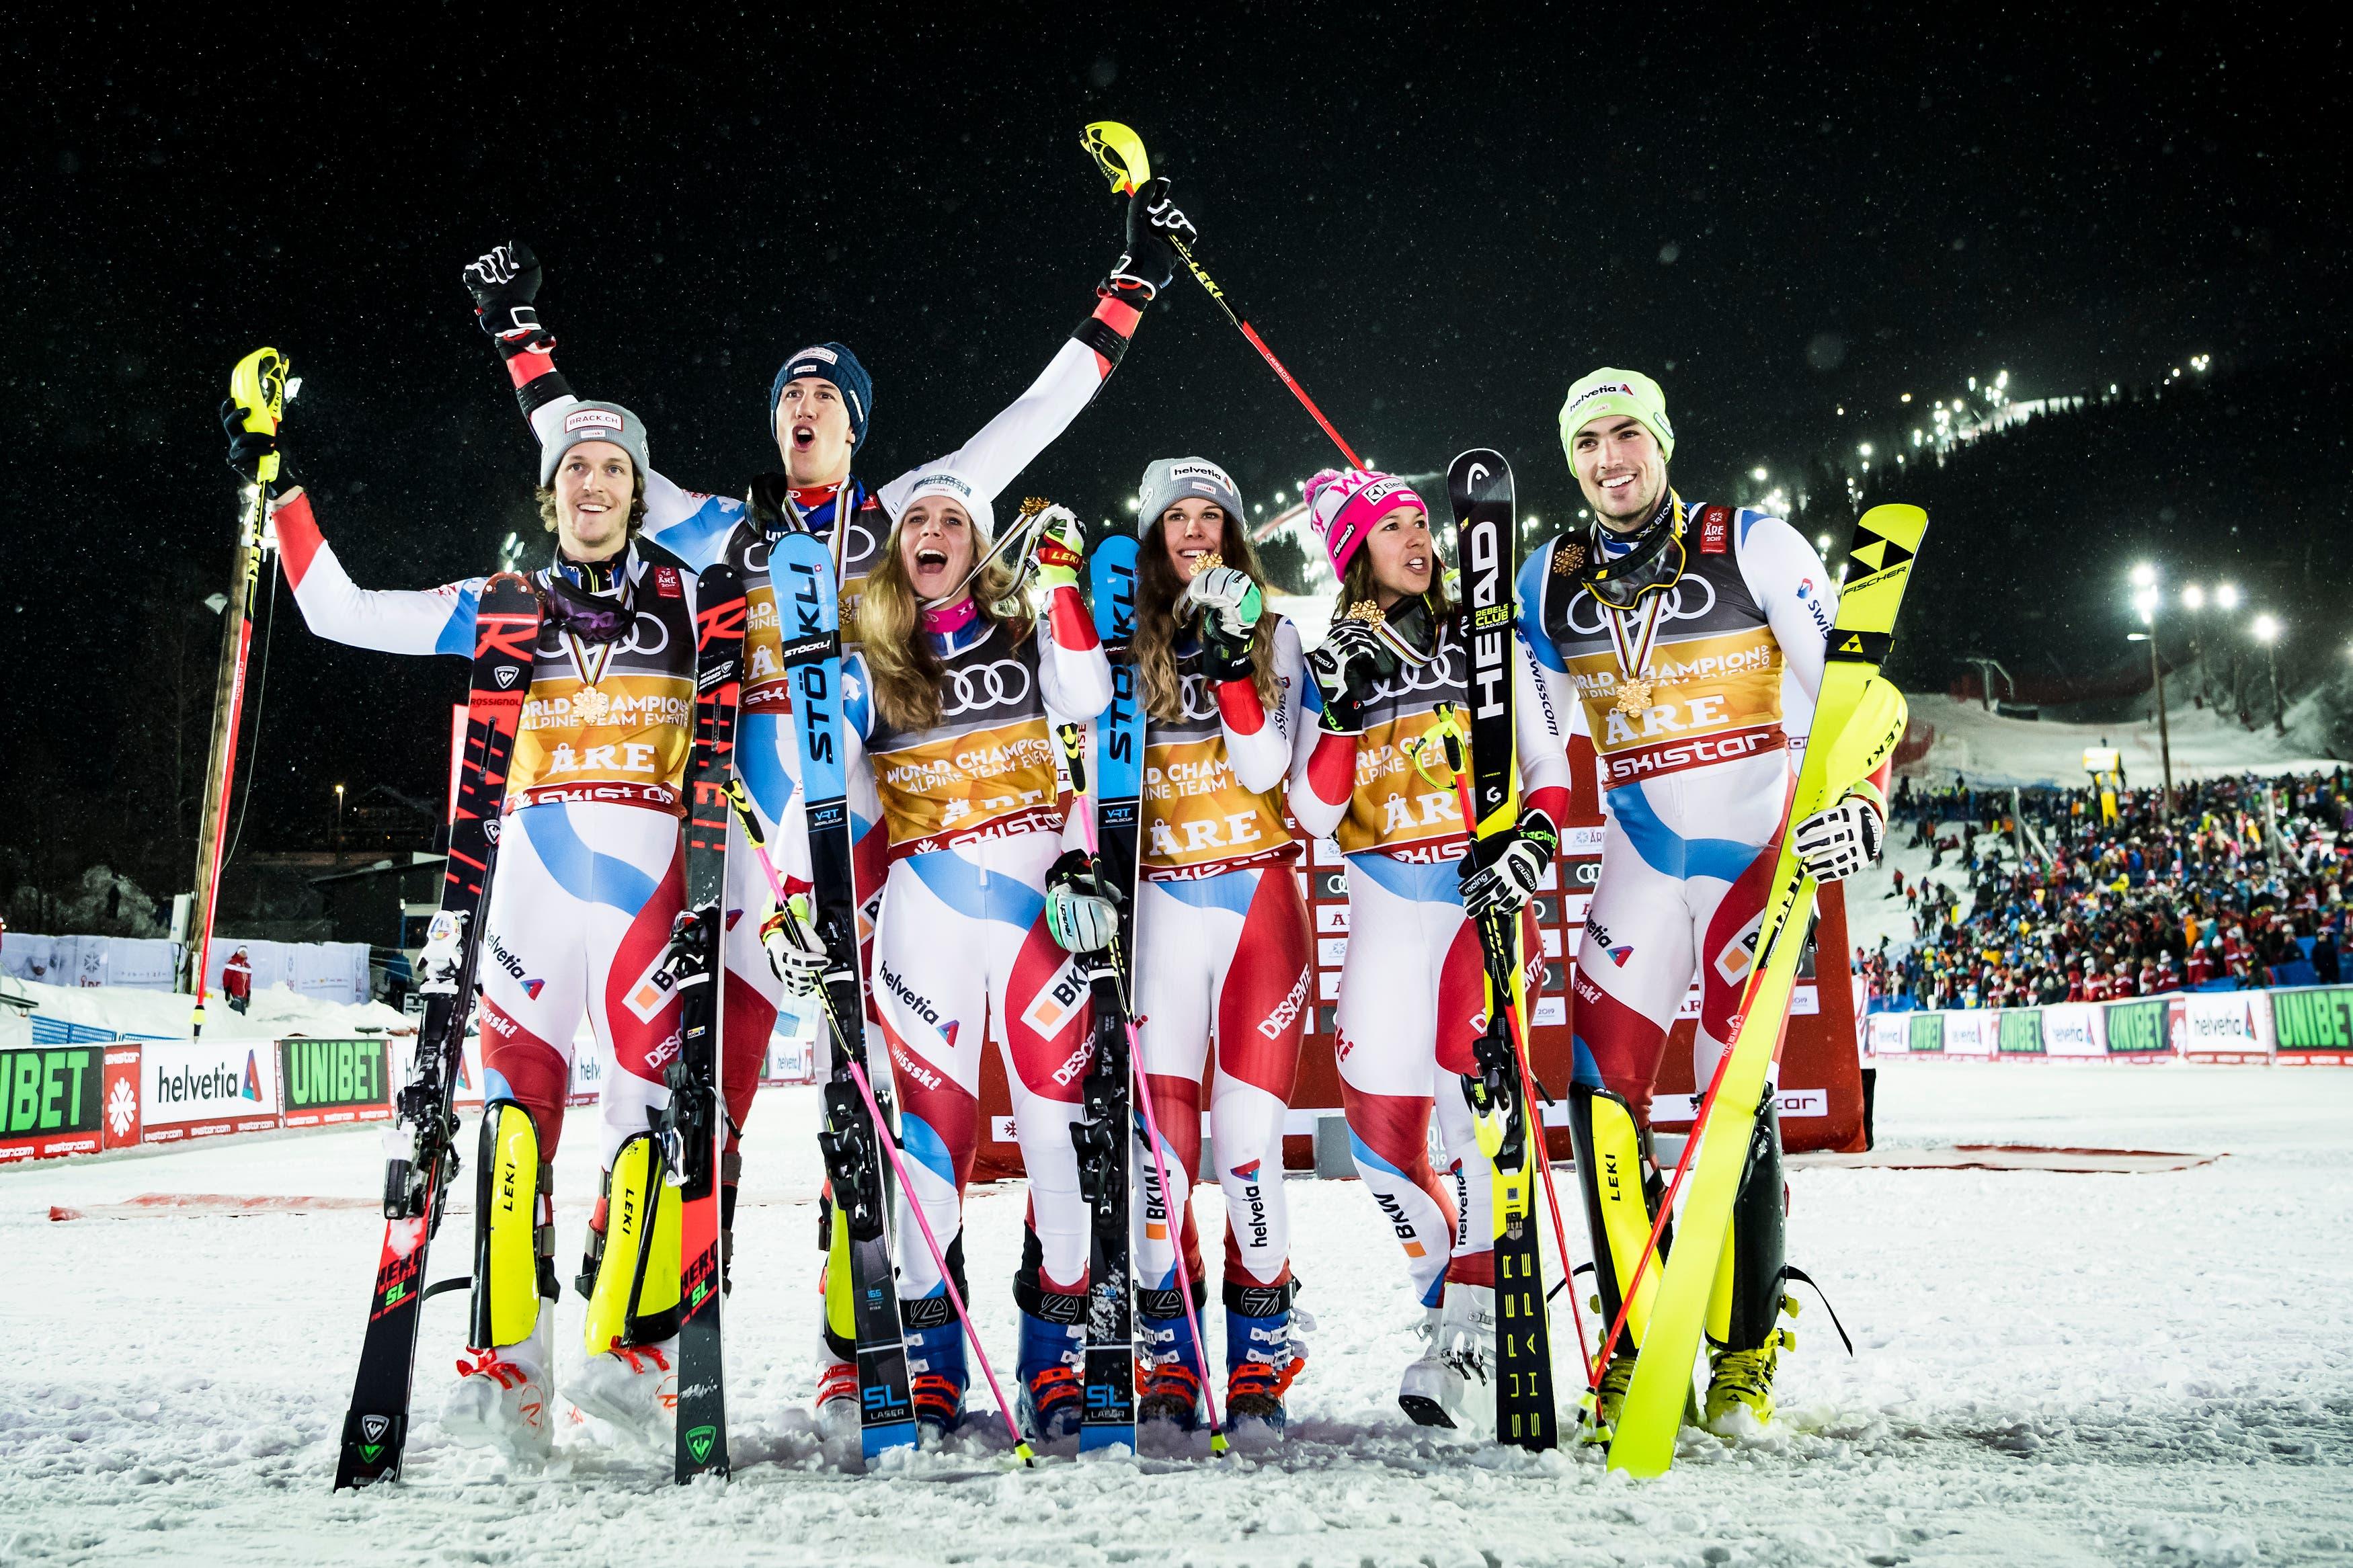 Die Goldmedaillisten freuen sich über ihren Sieg. (Bild: KEYSTONE/Jean-Christophe Bott)